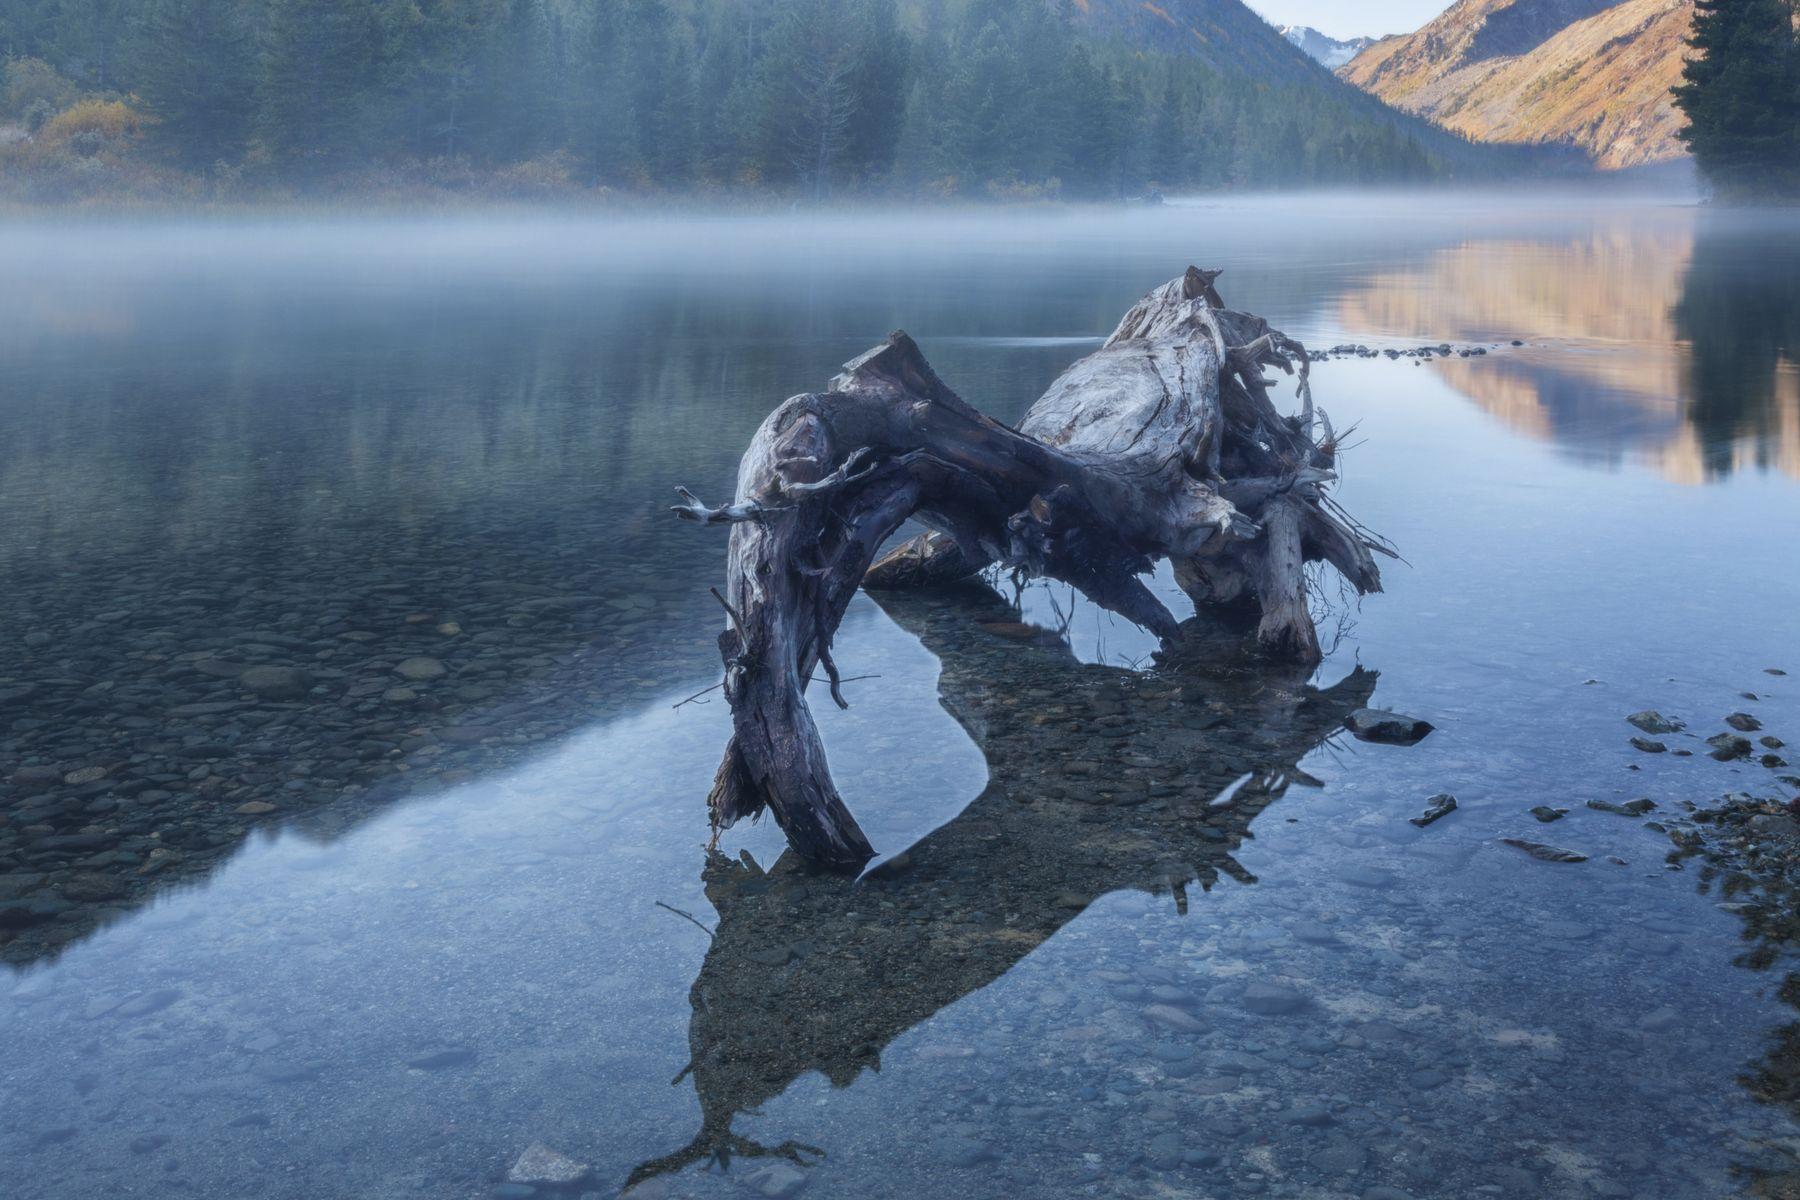 Утро туманное Алтай озеро горы лес природа закат рассвет красота приключения путешествие